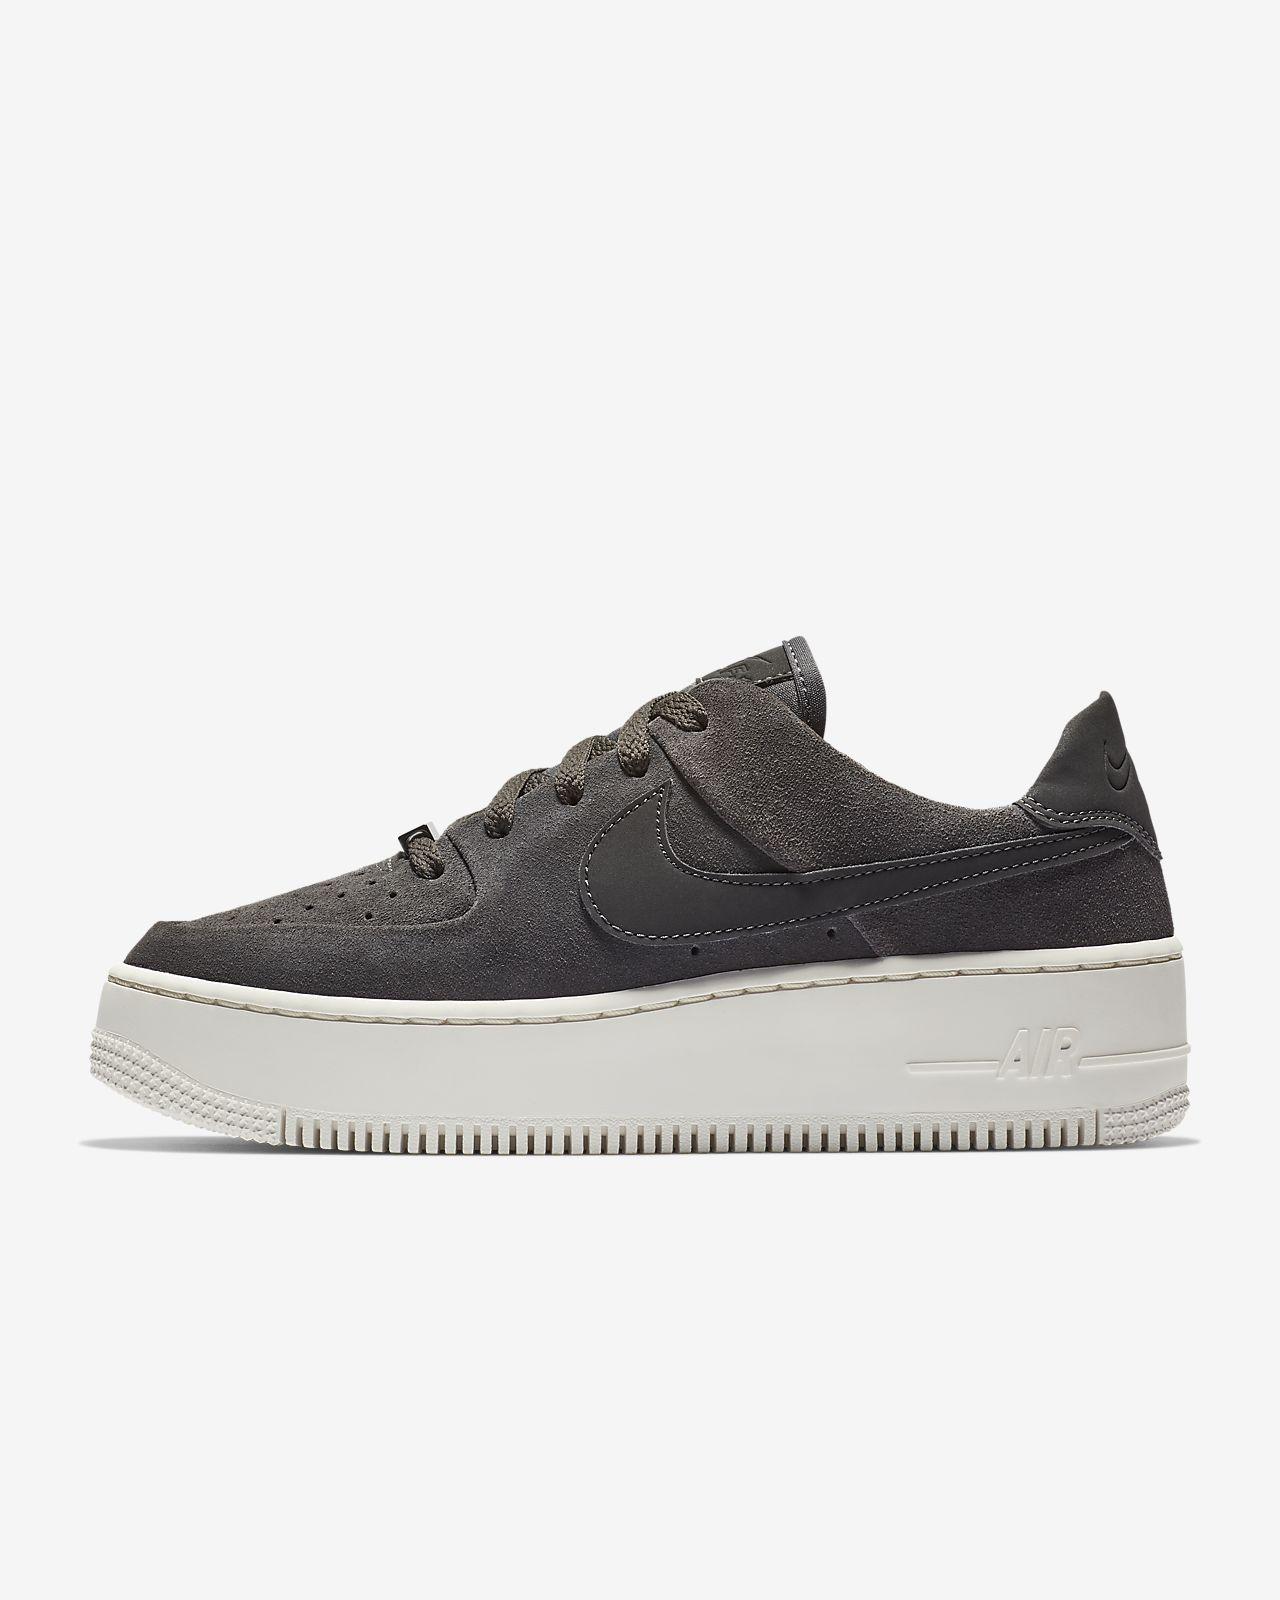 Nike Air Force 1 Flyknit Low Women's Left Shoe Size 7 | eBay